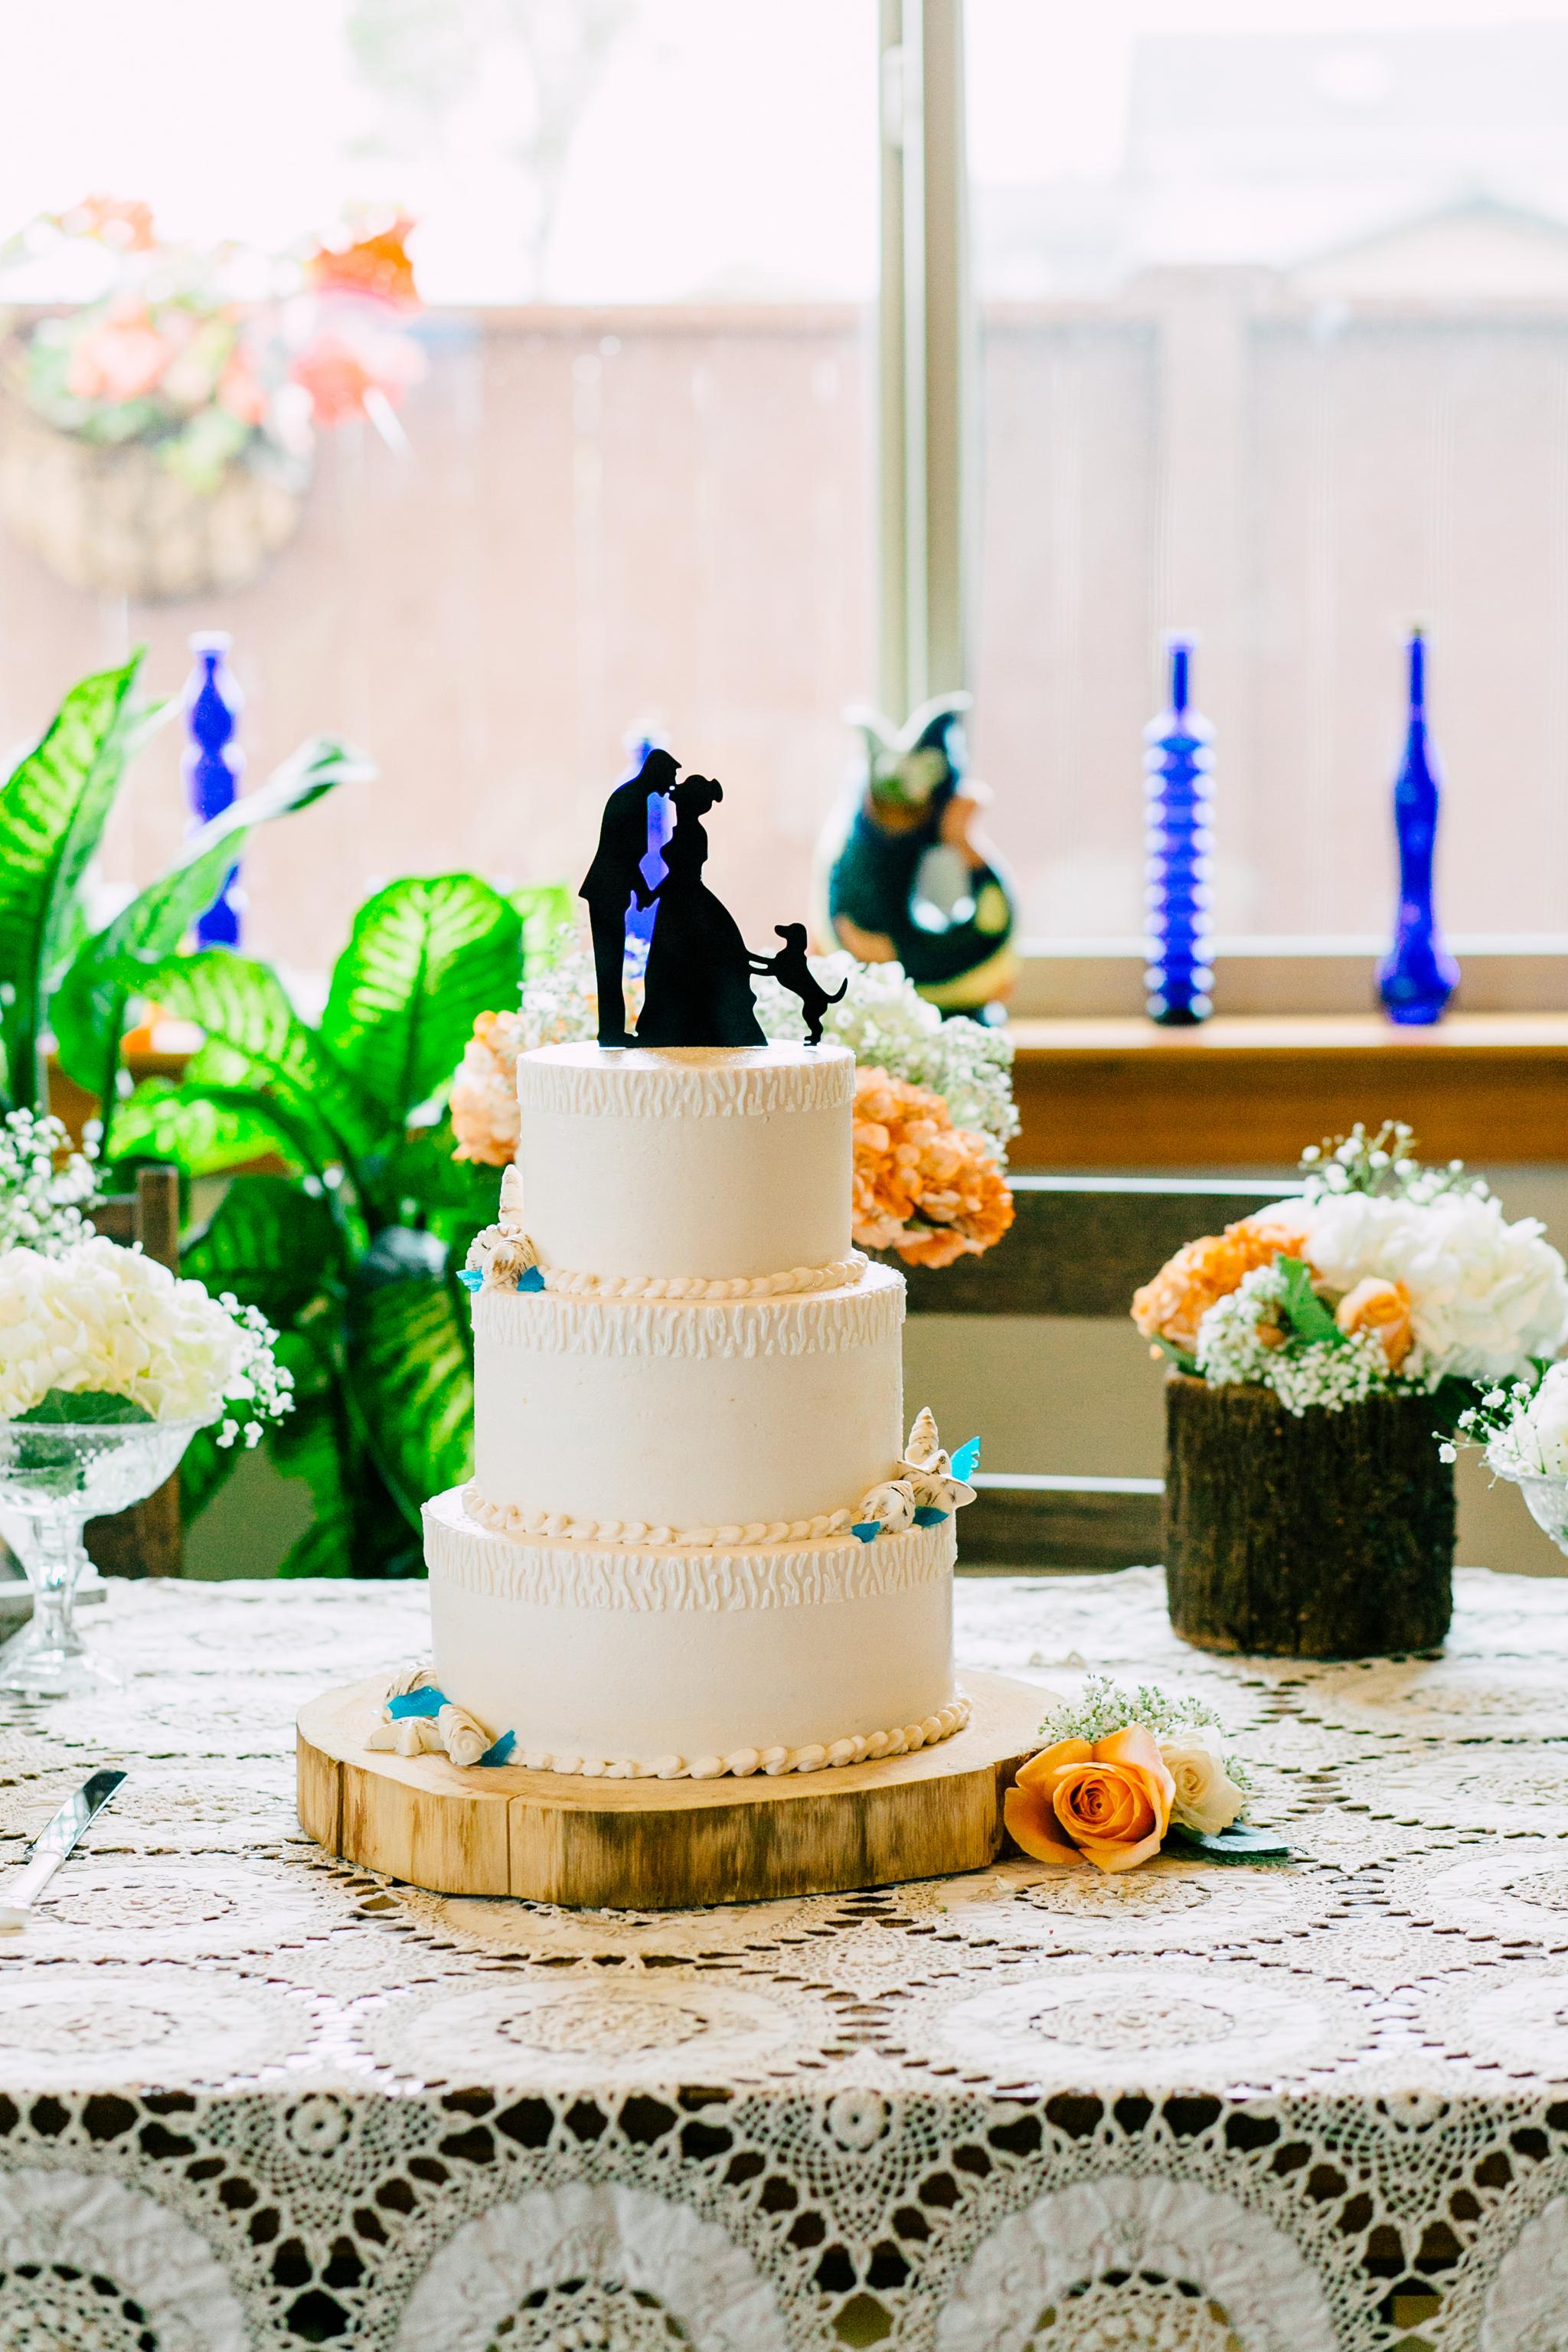 029-bellingham-wedding-photographer-beach-katheryn-moran-elisa-phillip.jpg